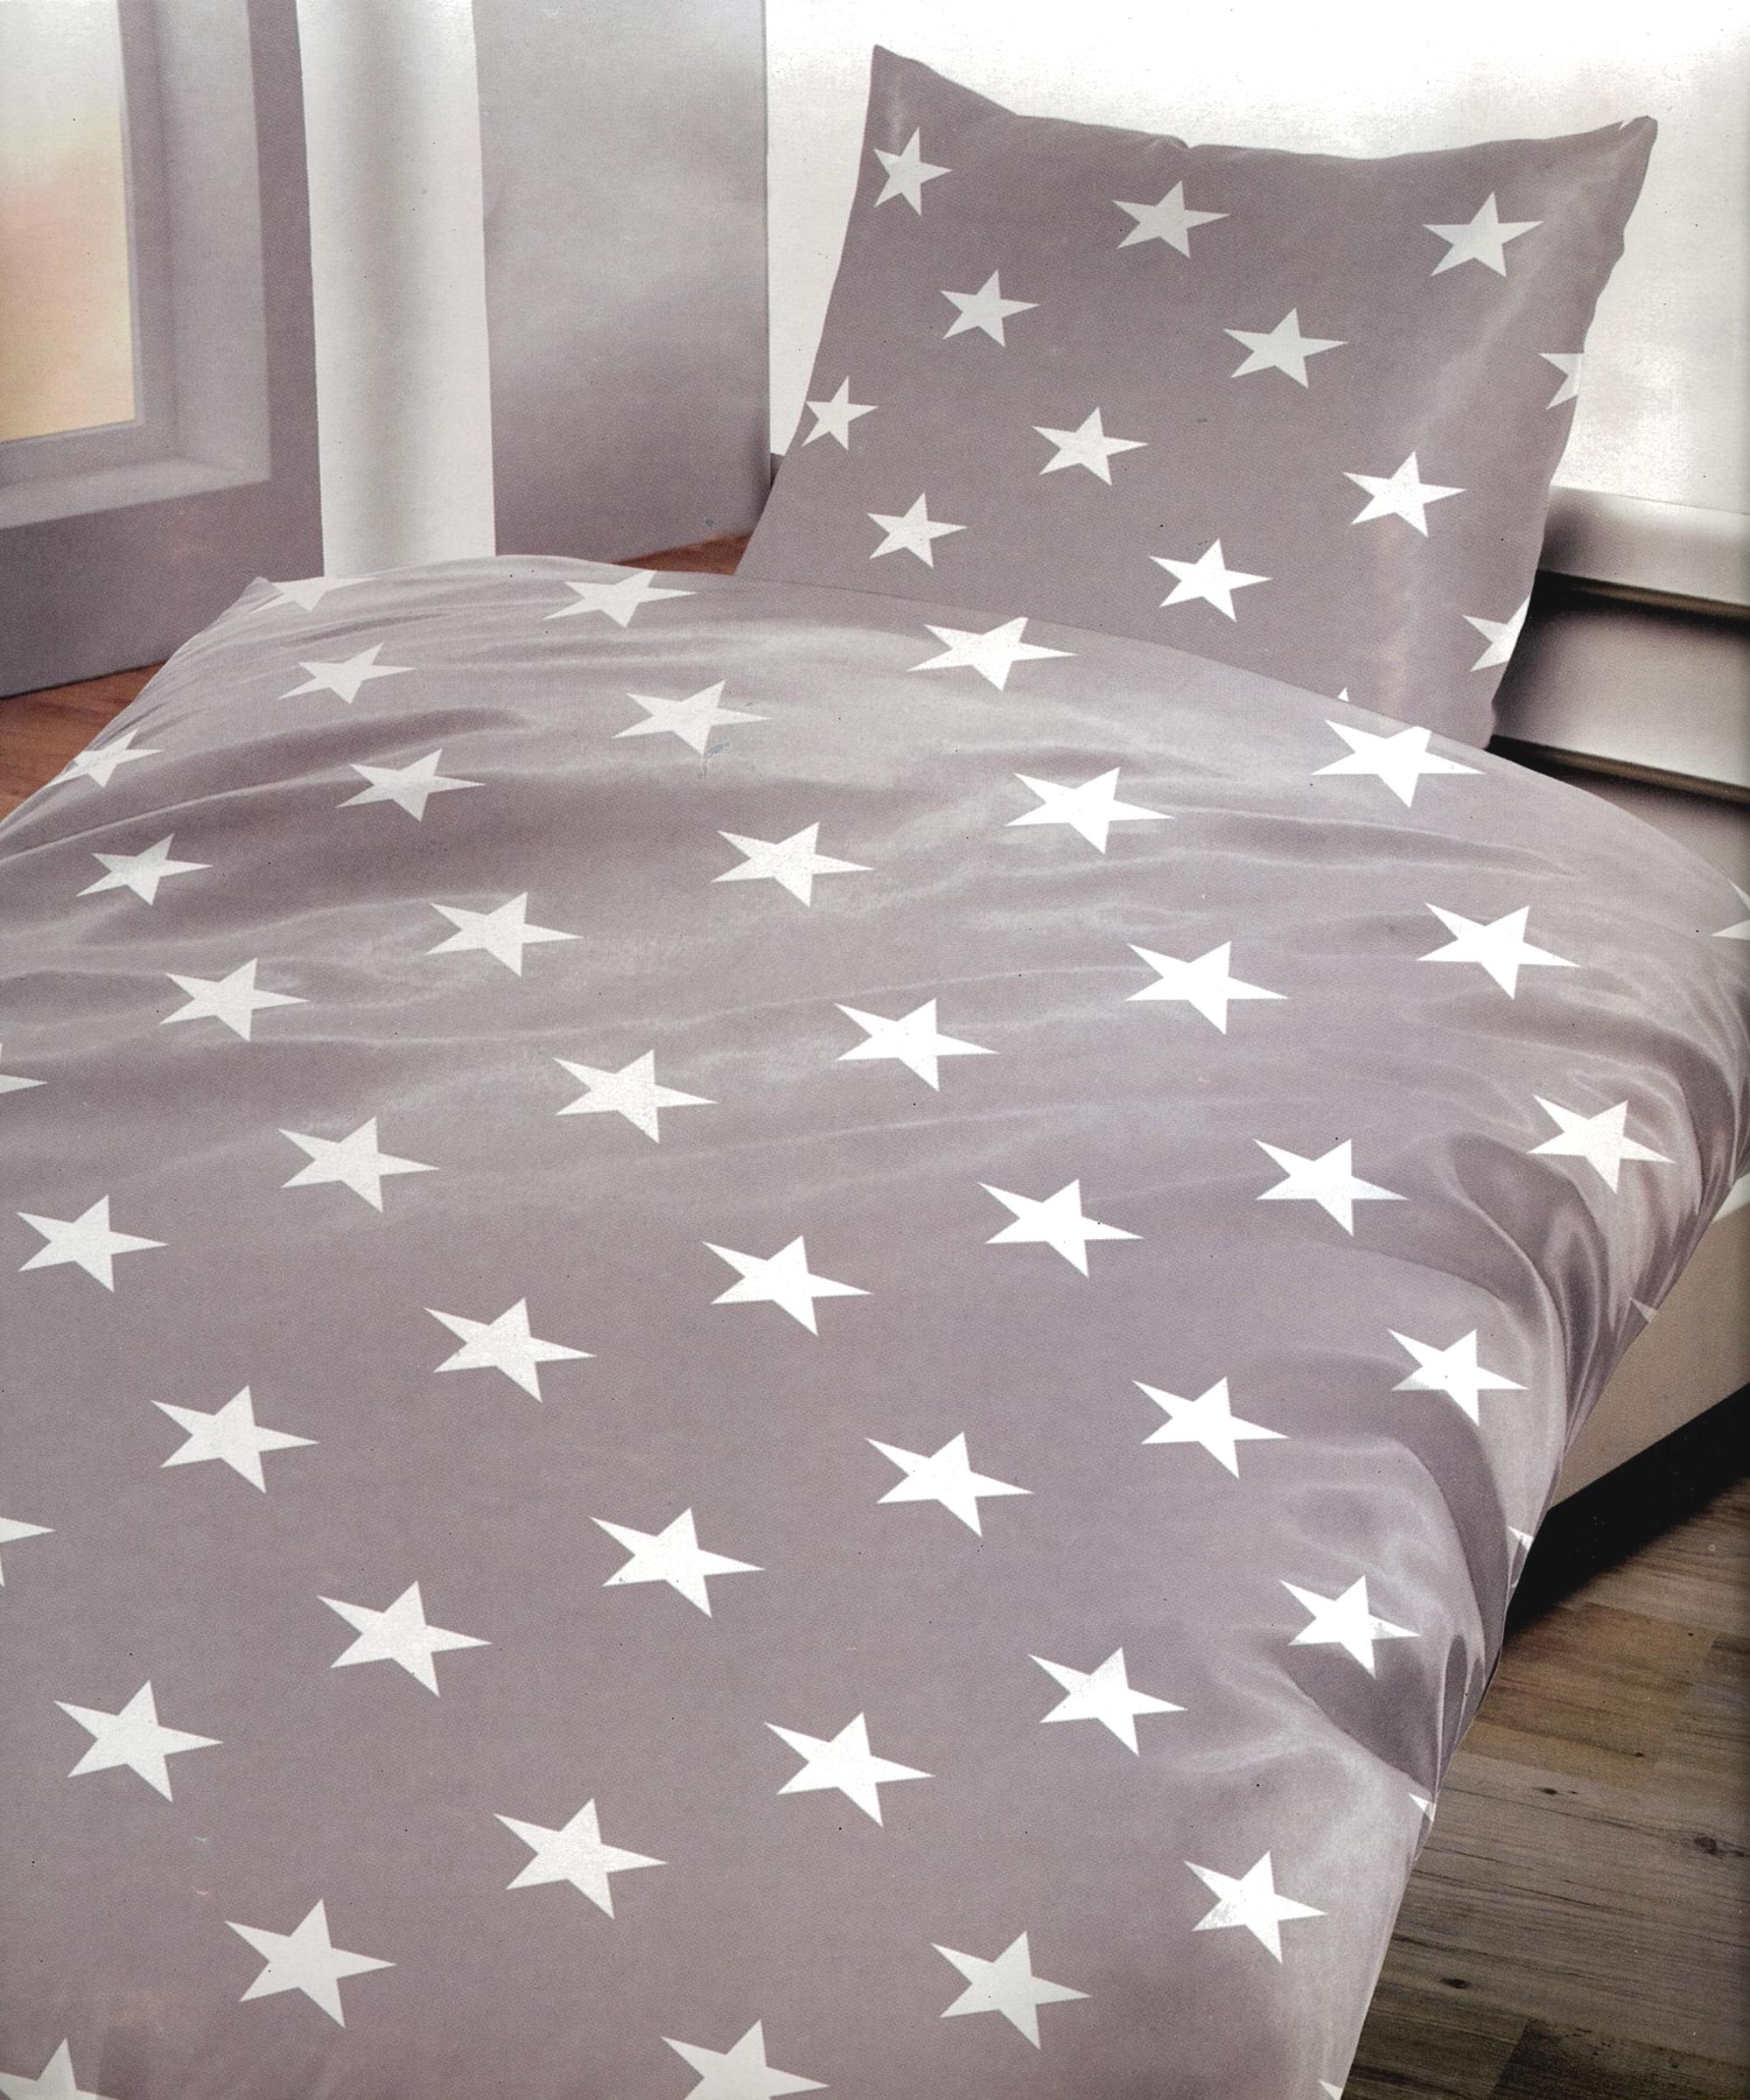 2 tlg bettw sche microfaser 155x220 cm sterne grau wei. Black Bedroom Furniture Sets. Home Design Ideas